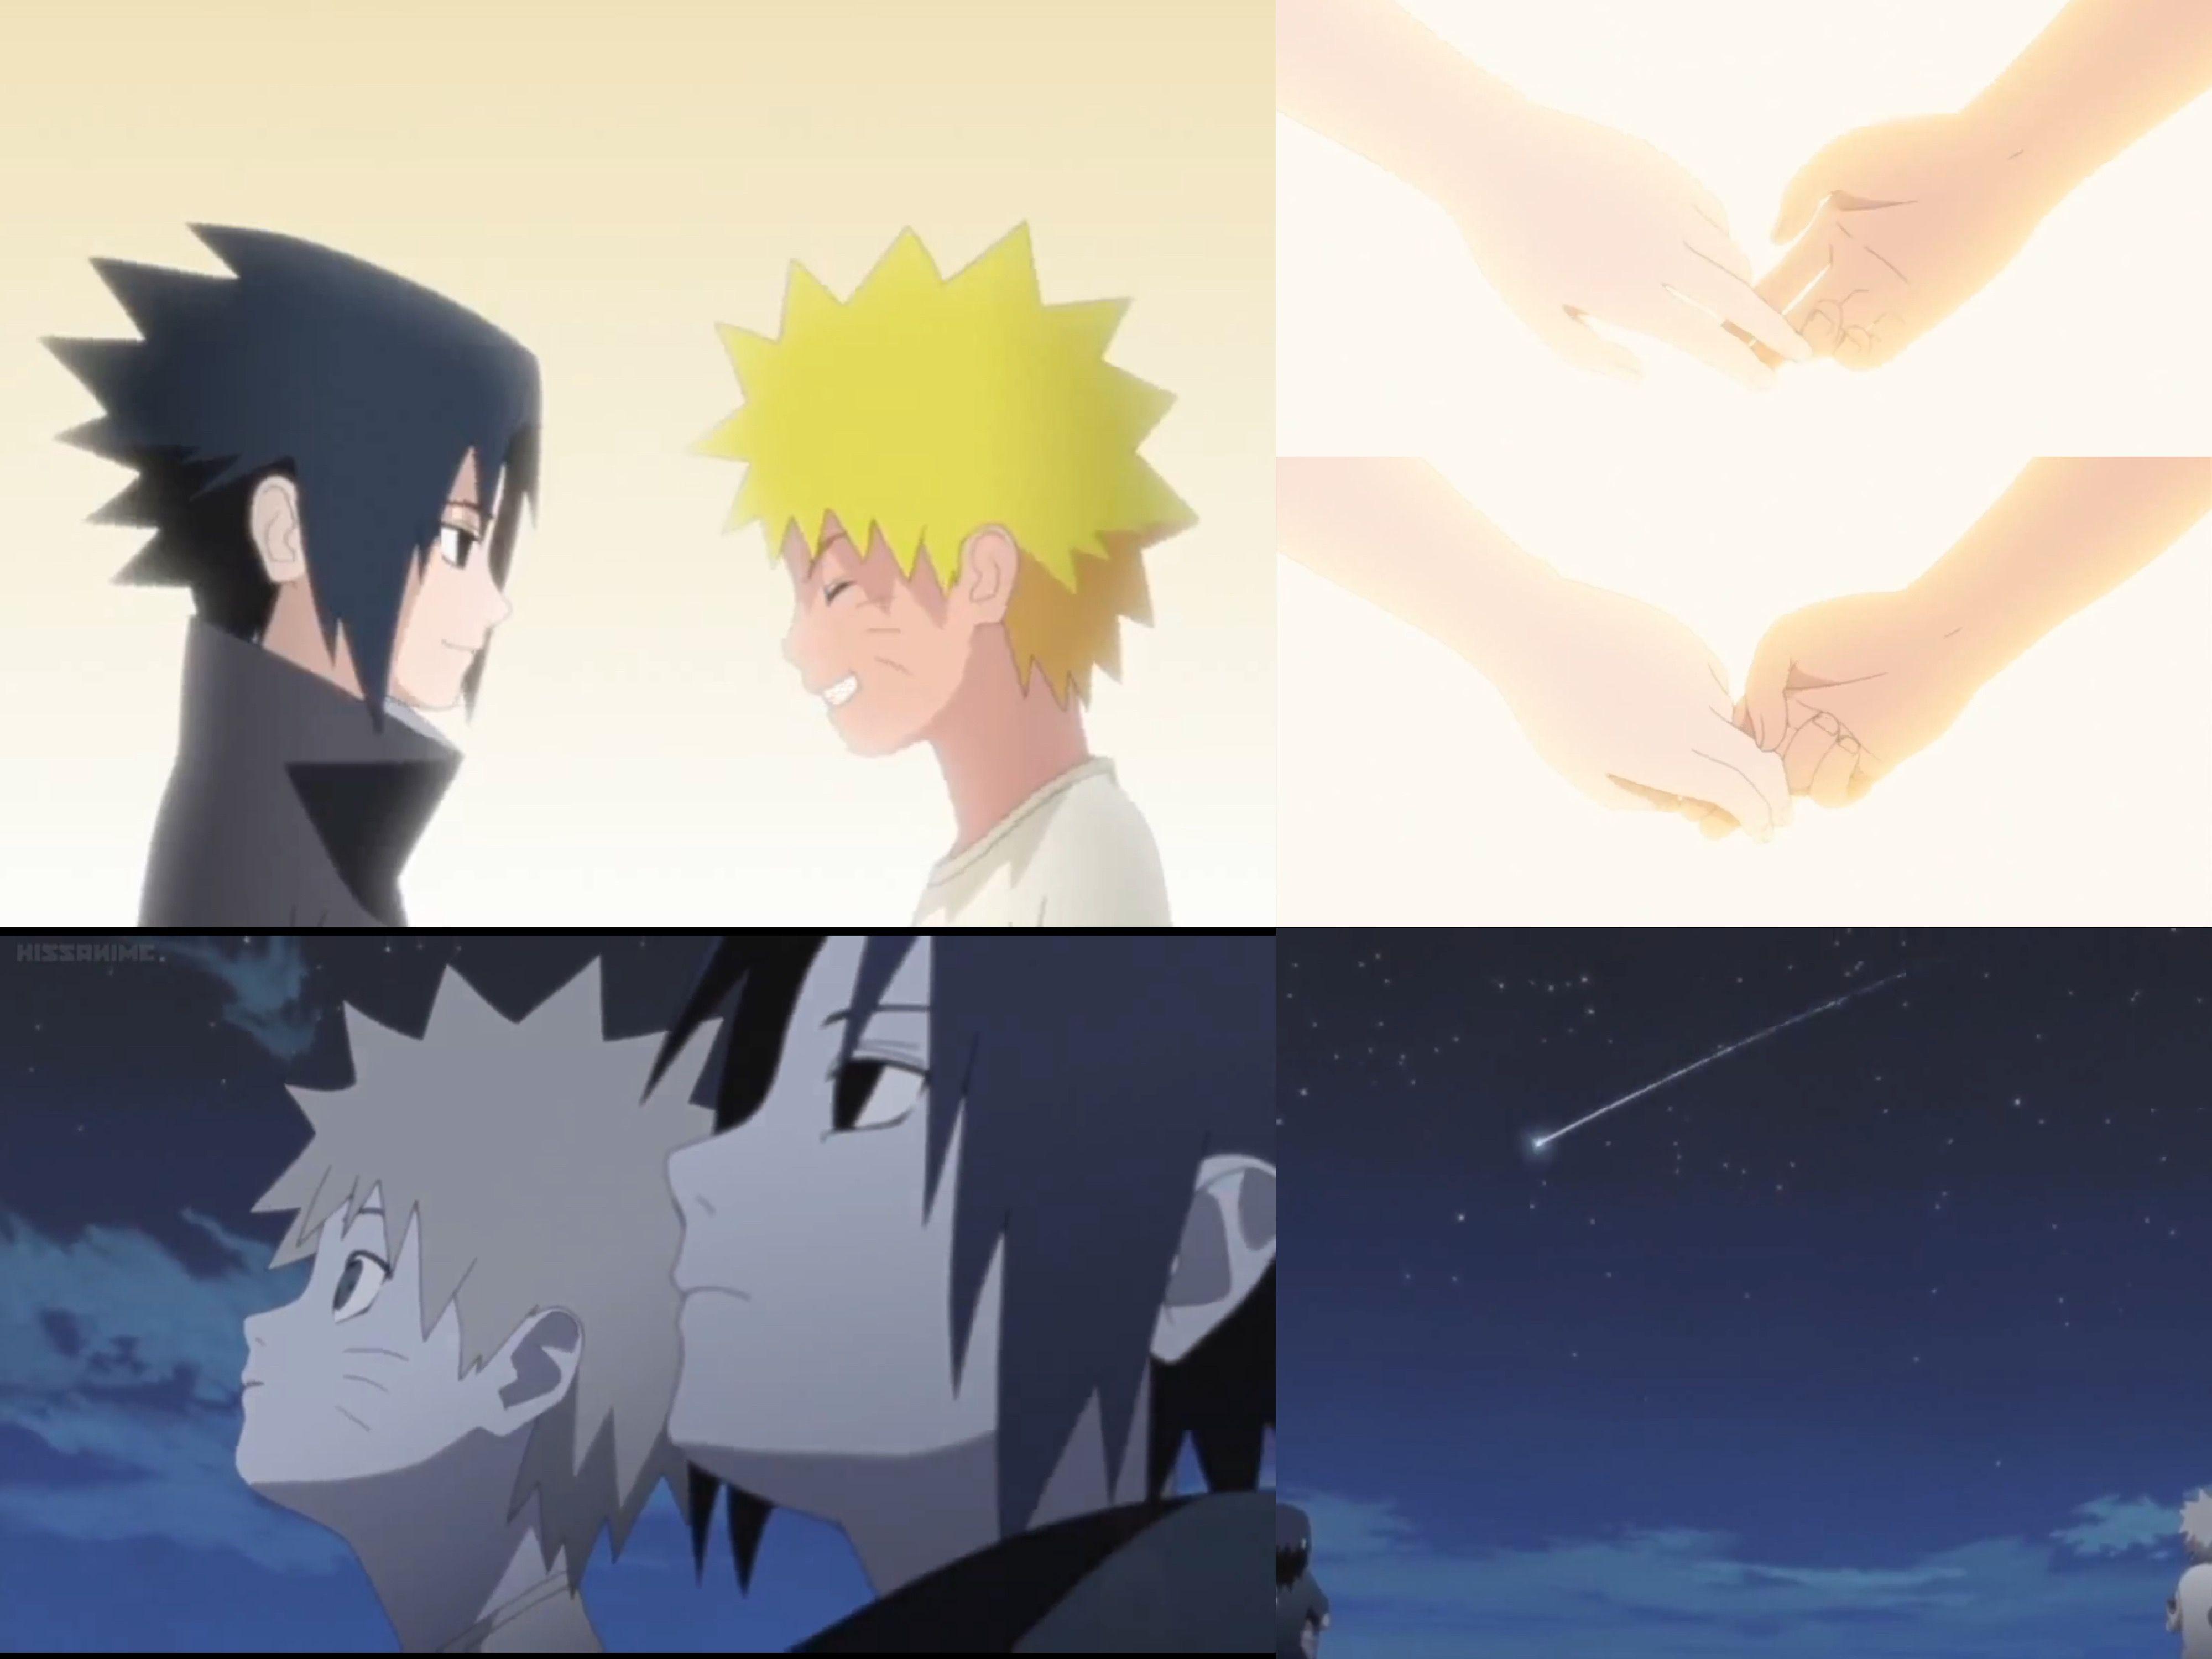 Sasuke and Naruto as kids. Naruto Shippuden OVA